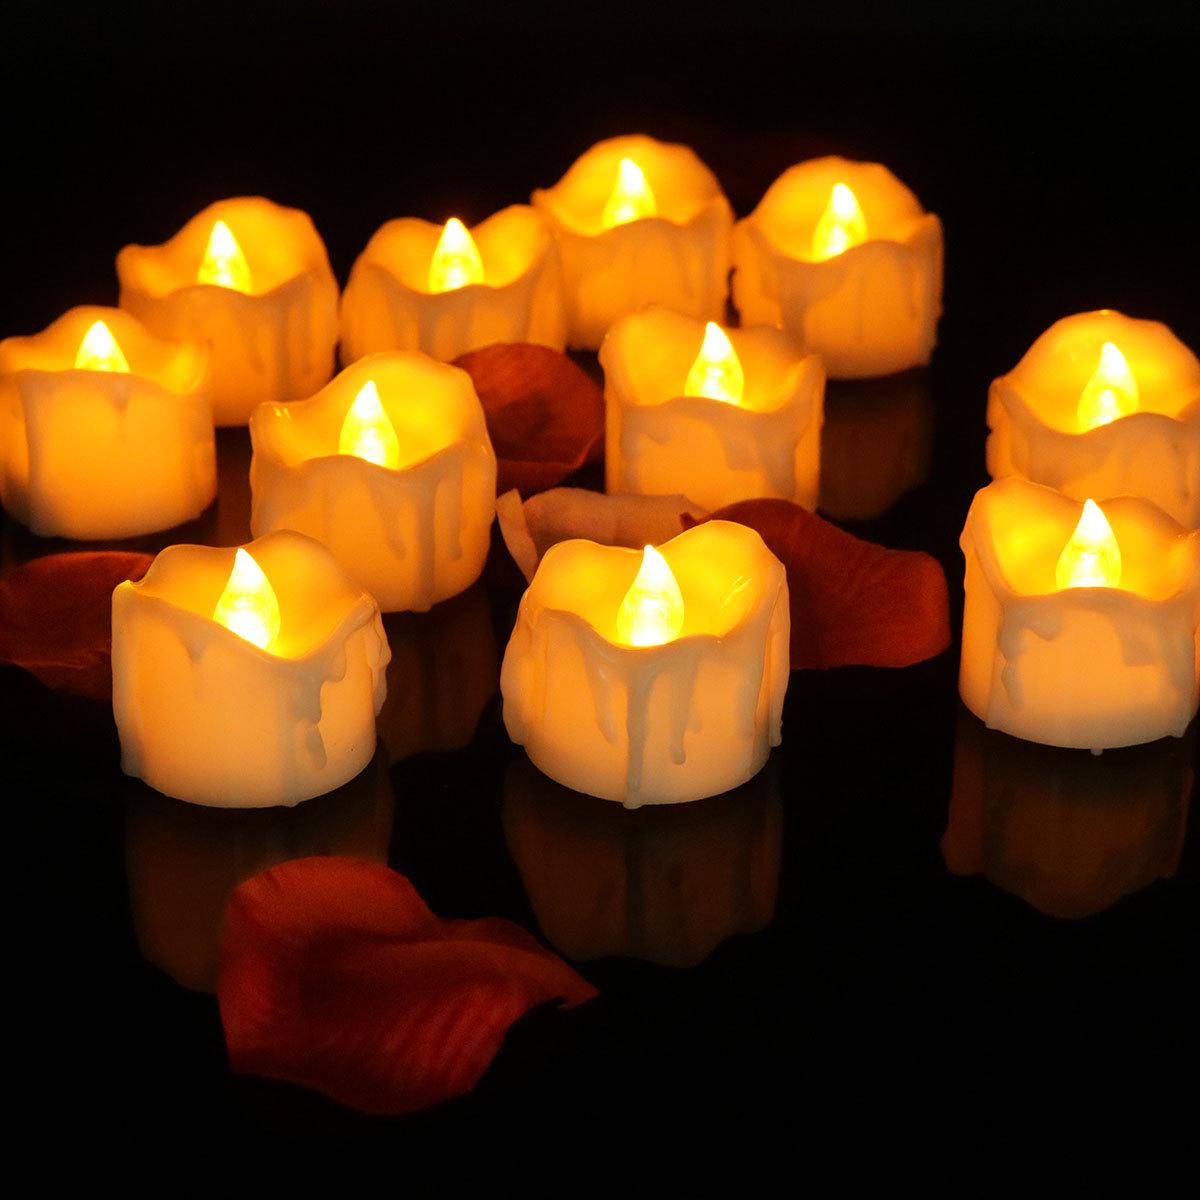 Bóng đèn nến Nhà sản xuất cung cấp thời gian dẫn nến nến điện tử nến Halloween trang trí đám cưới sá